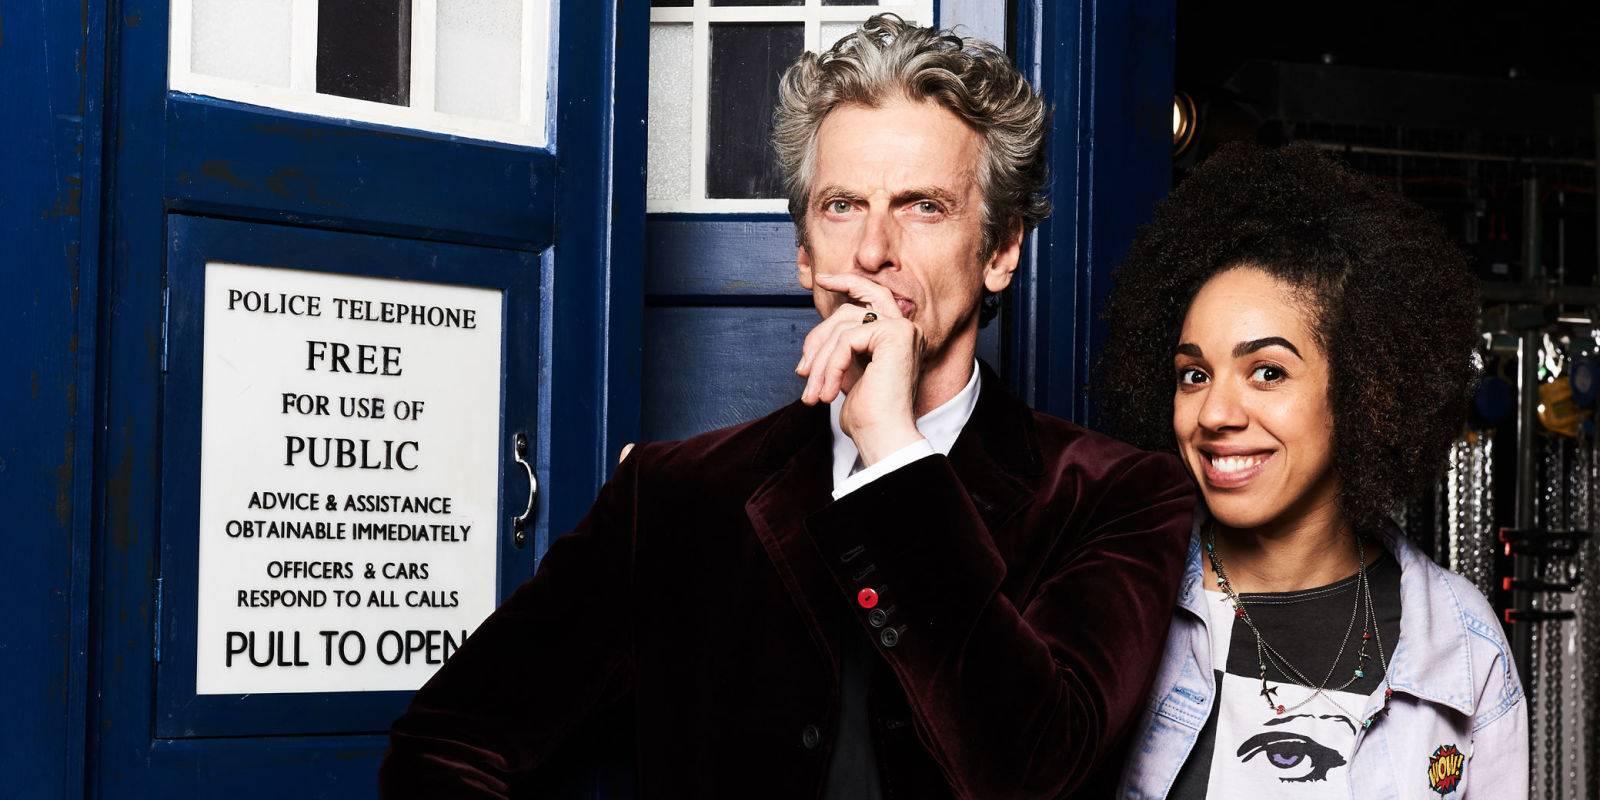 Каким будет «Доктор Кто» без Моффата и Капальди?